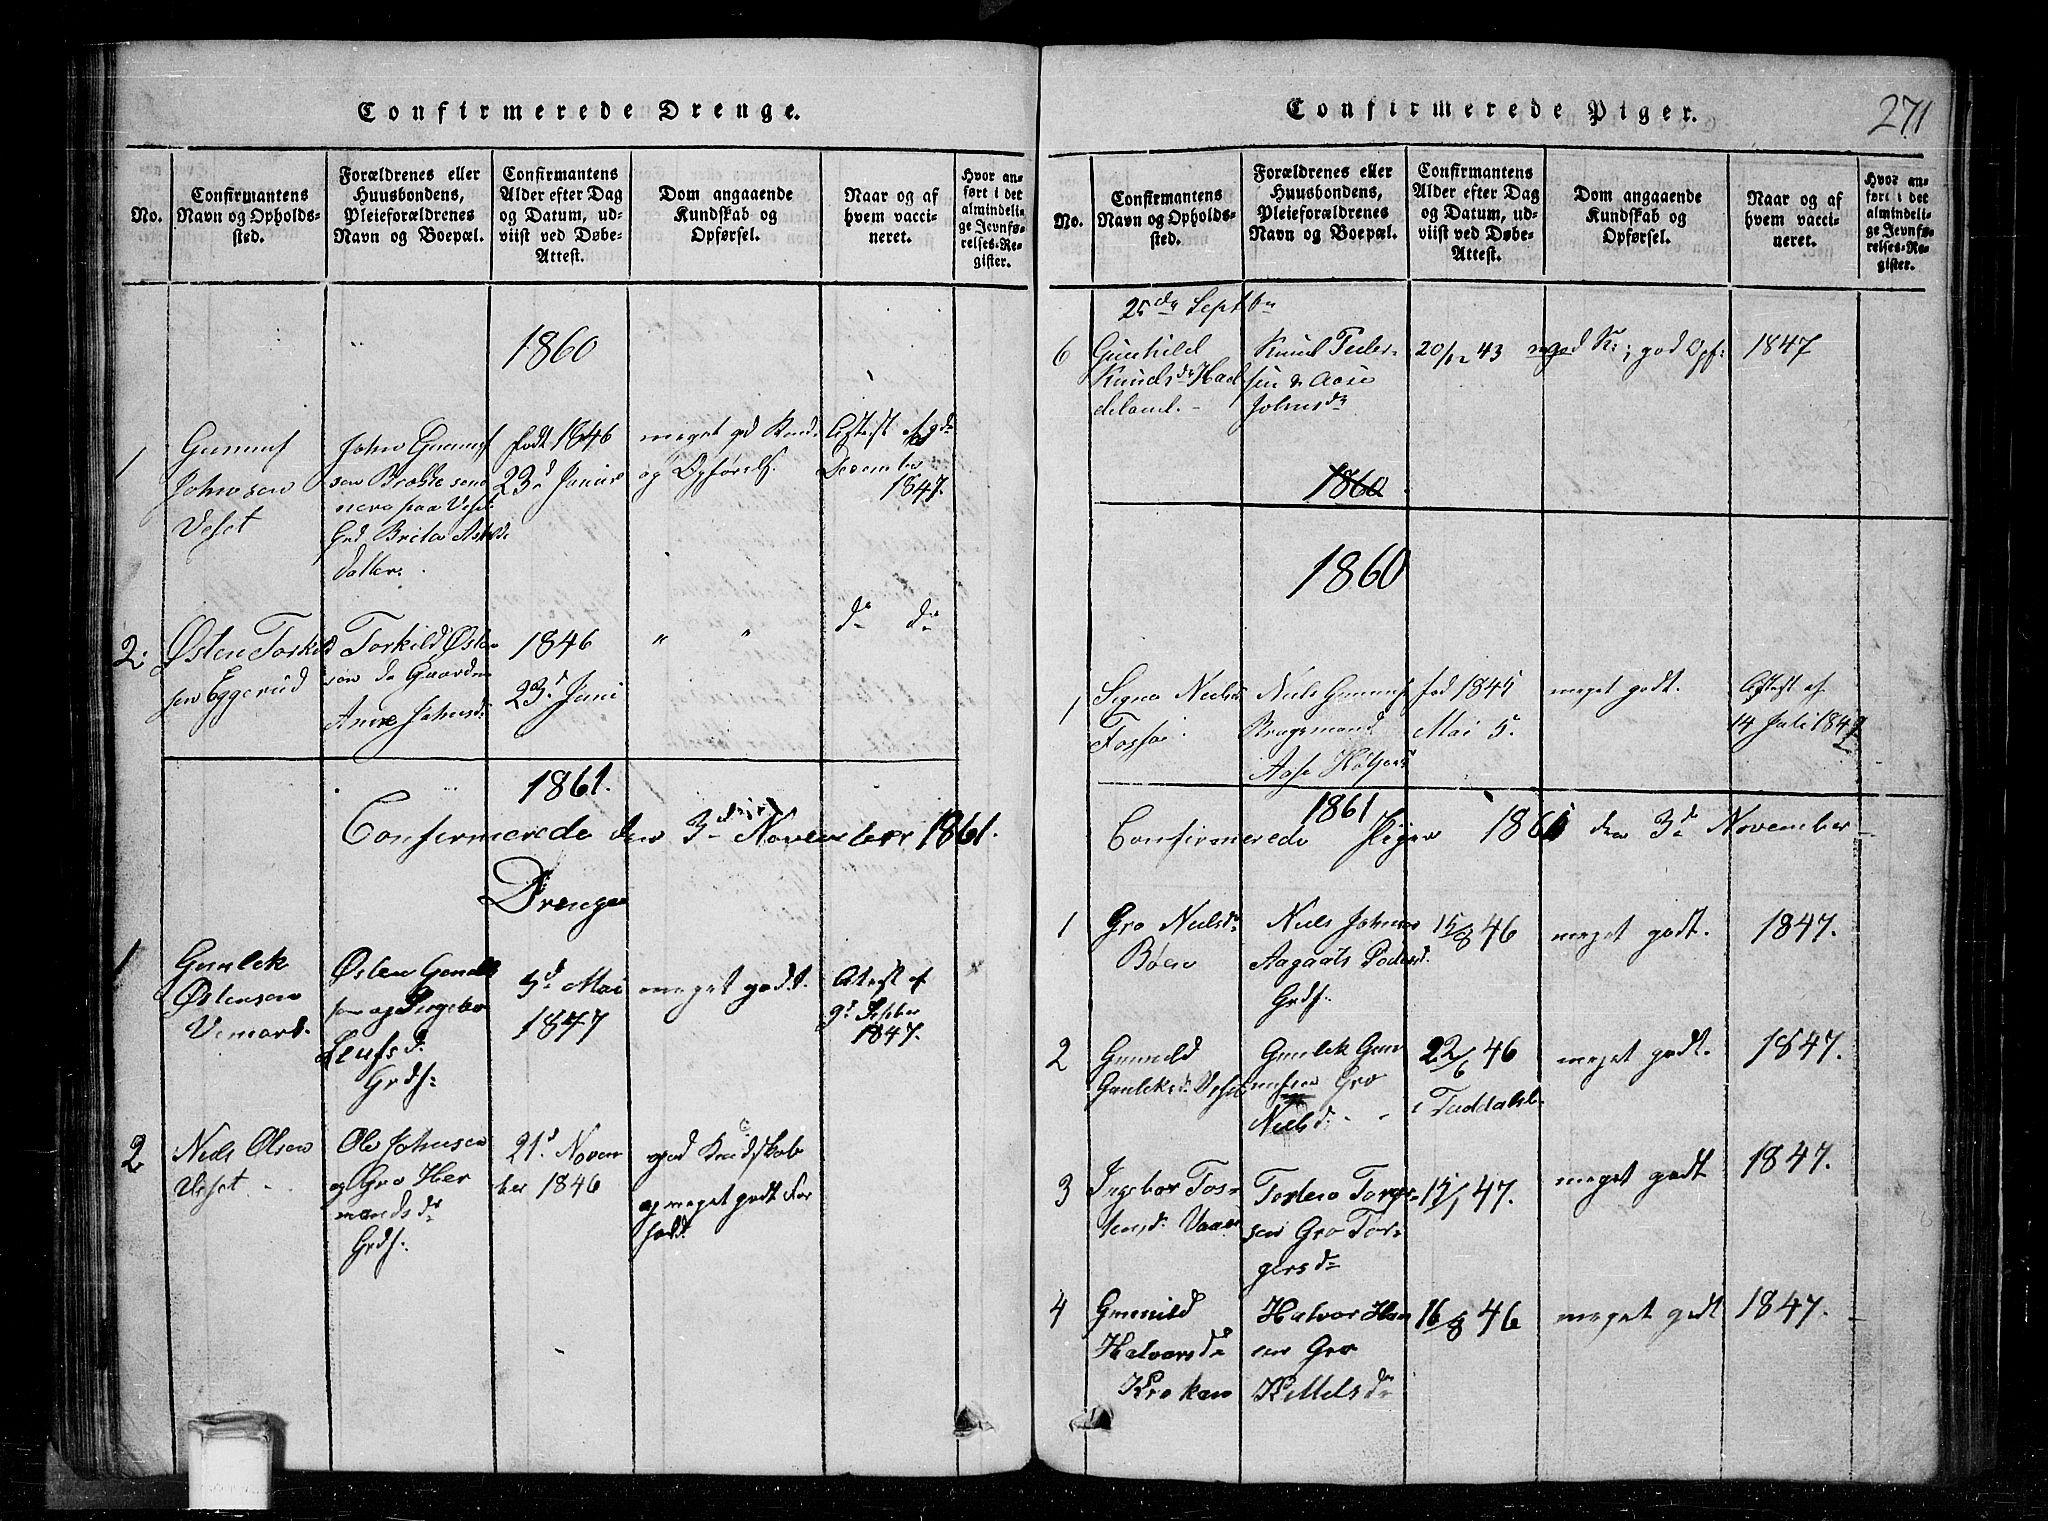 SAKO, Tinn kirkebøker, G/Gc/L0001: Klokkerbok nr. III 1, 1815-1879, s. 271